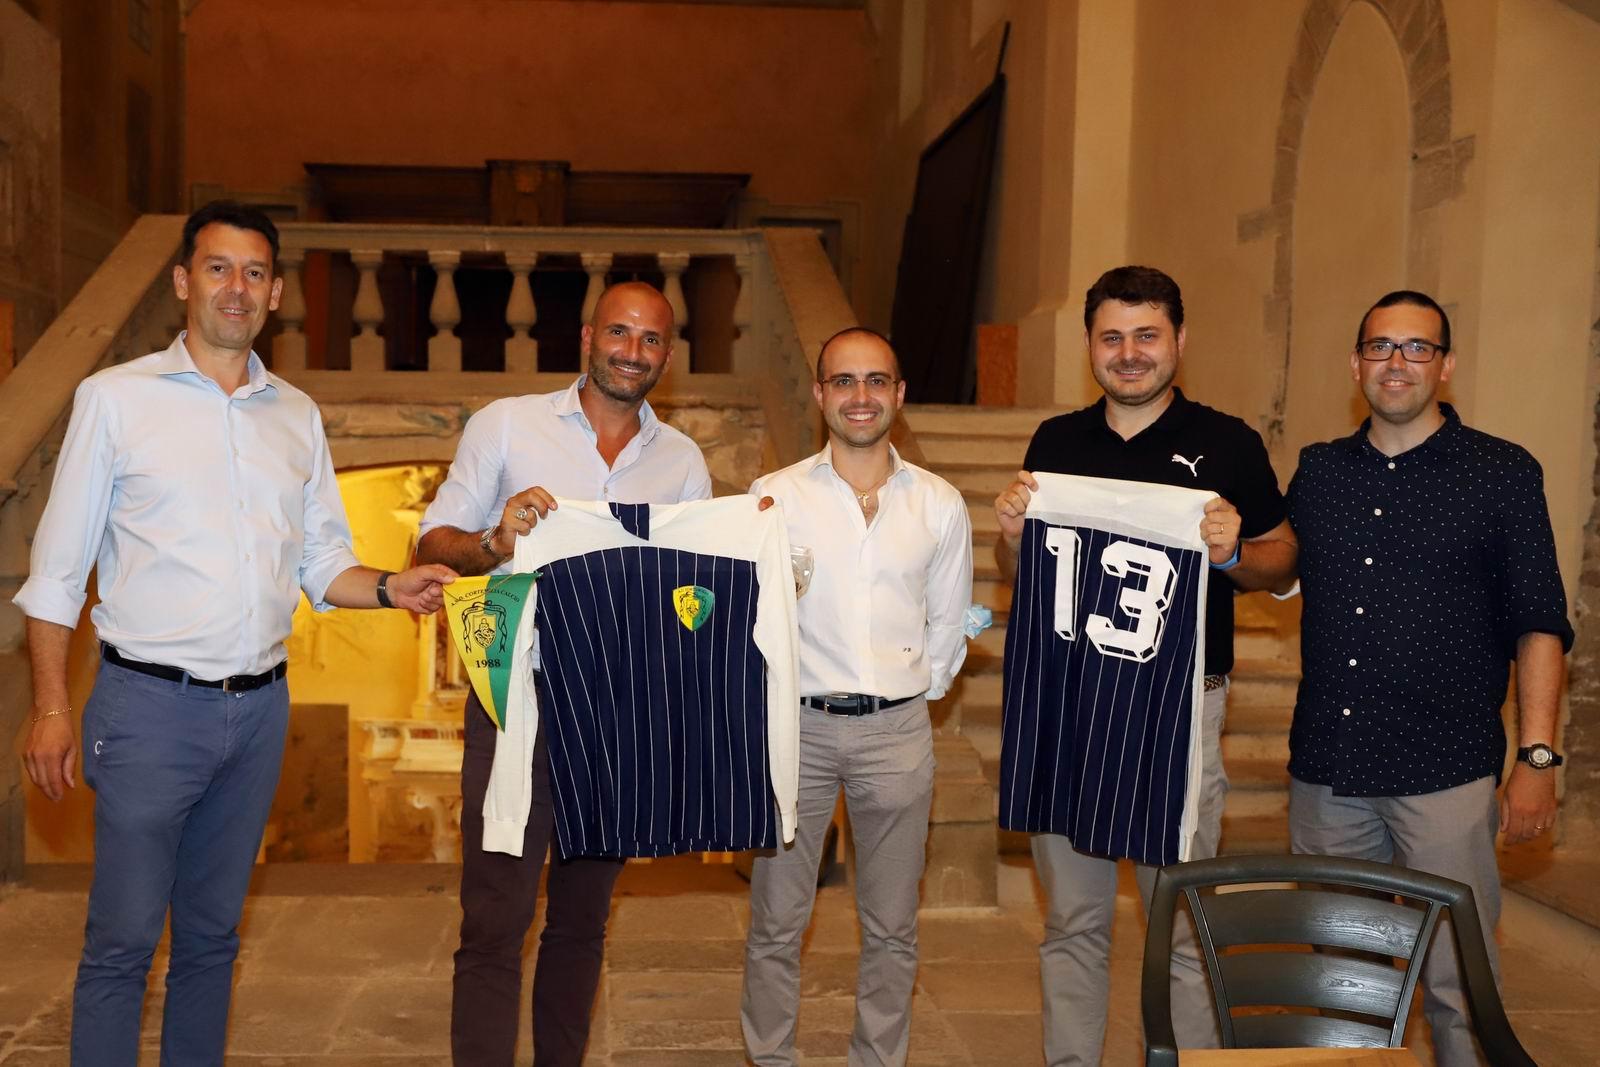 Da sinistra: Bodrito, Daino, Dessino, Di Blasi e Fonte (foto Franco Muzzi)